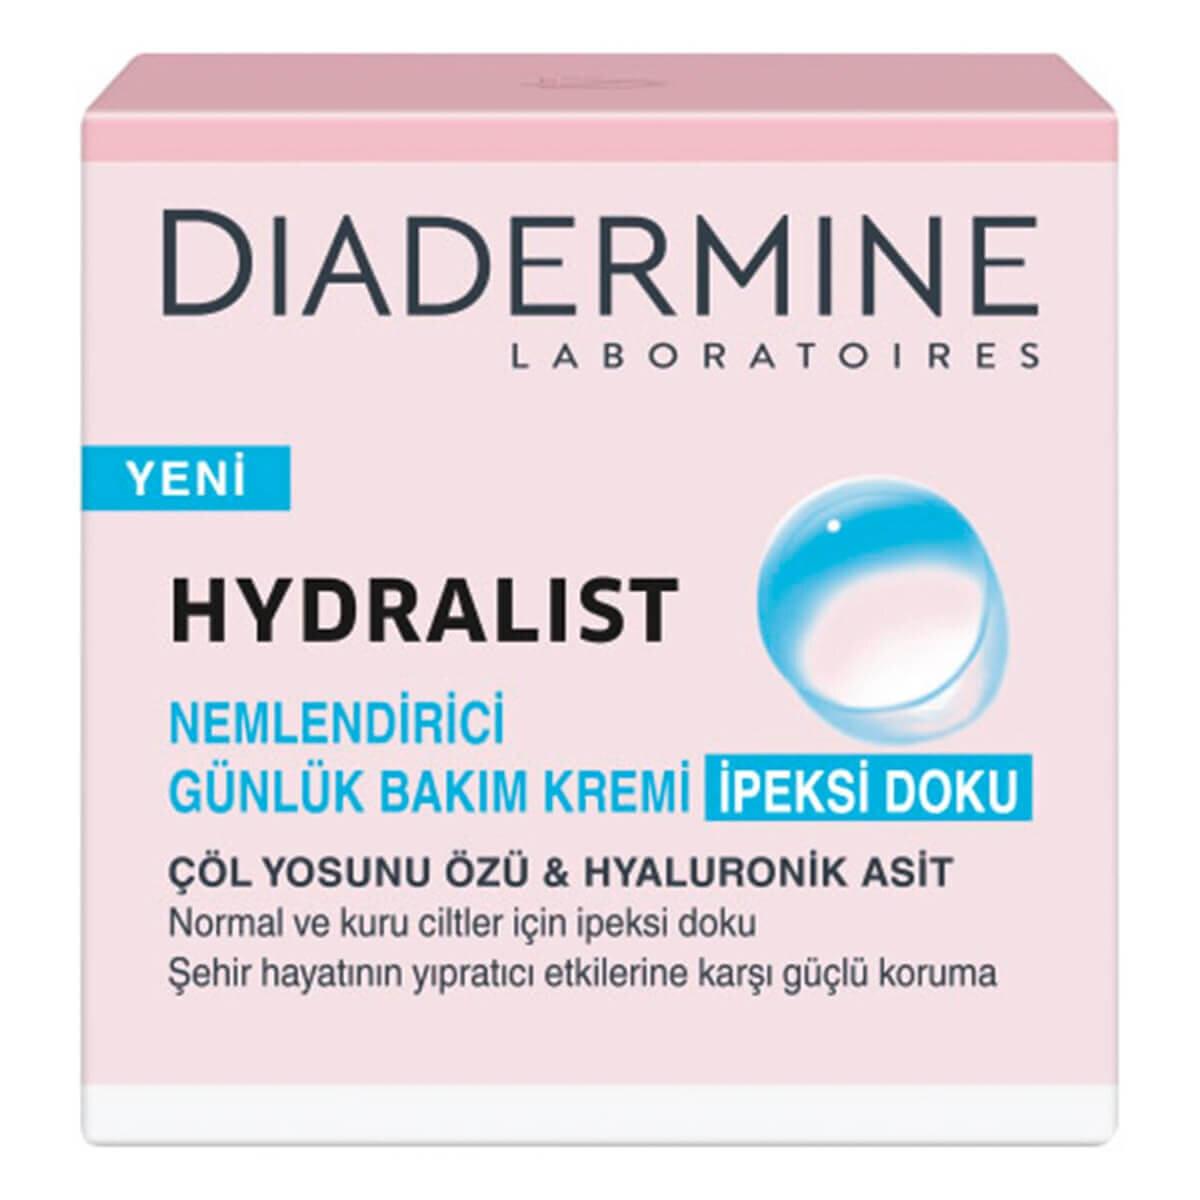 Hydralist Nemlendirici Bakım Kremi İpeksi Doku 50 ml